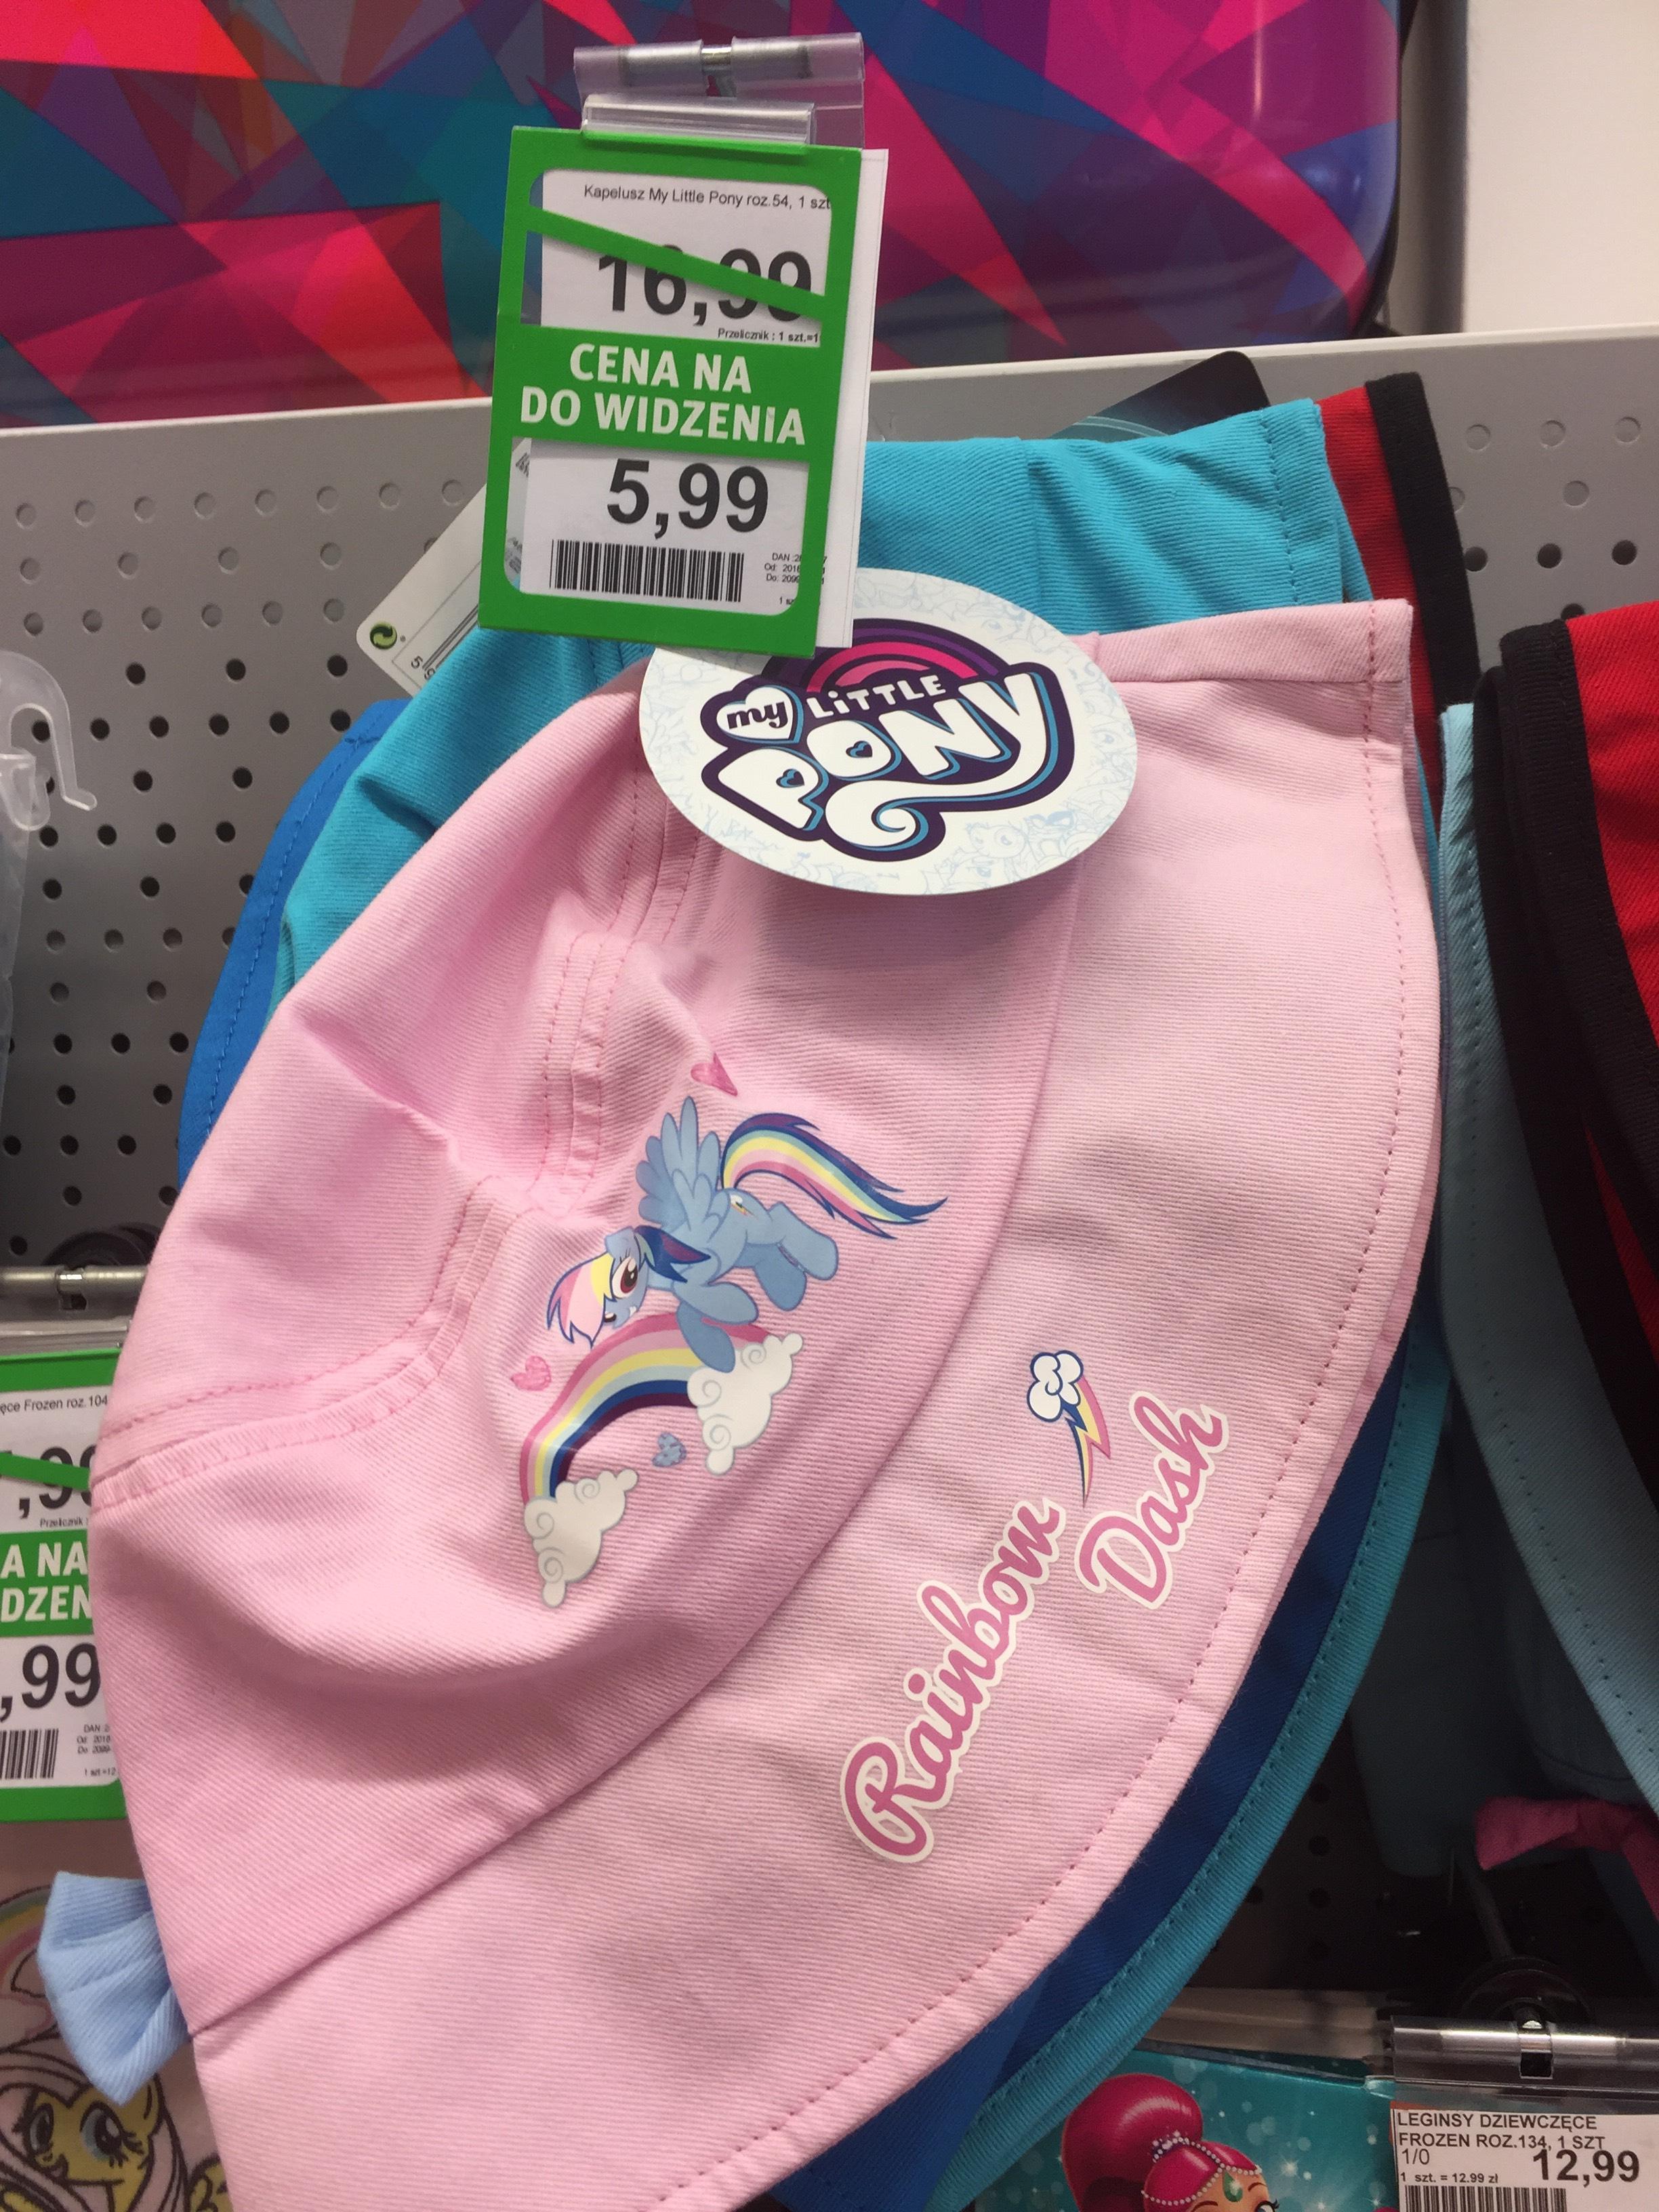 Kapelusik dziecięcy w Rossmanie 5,99